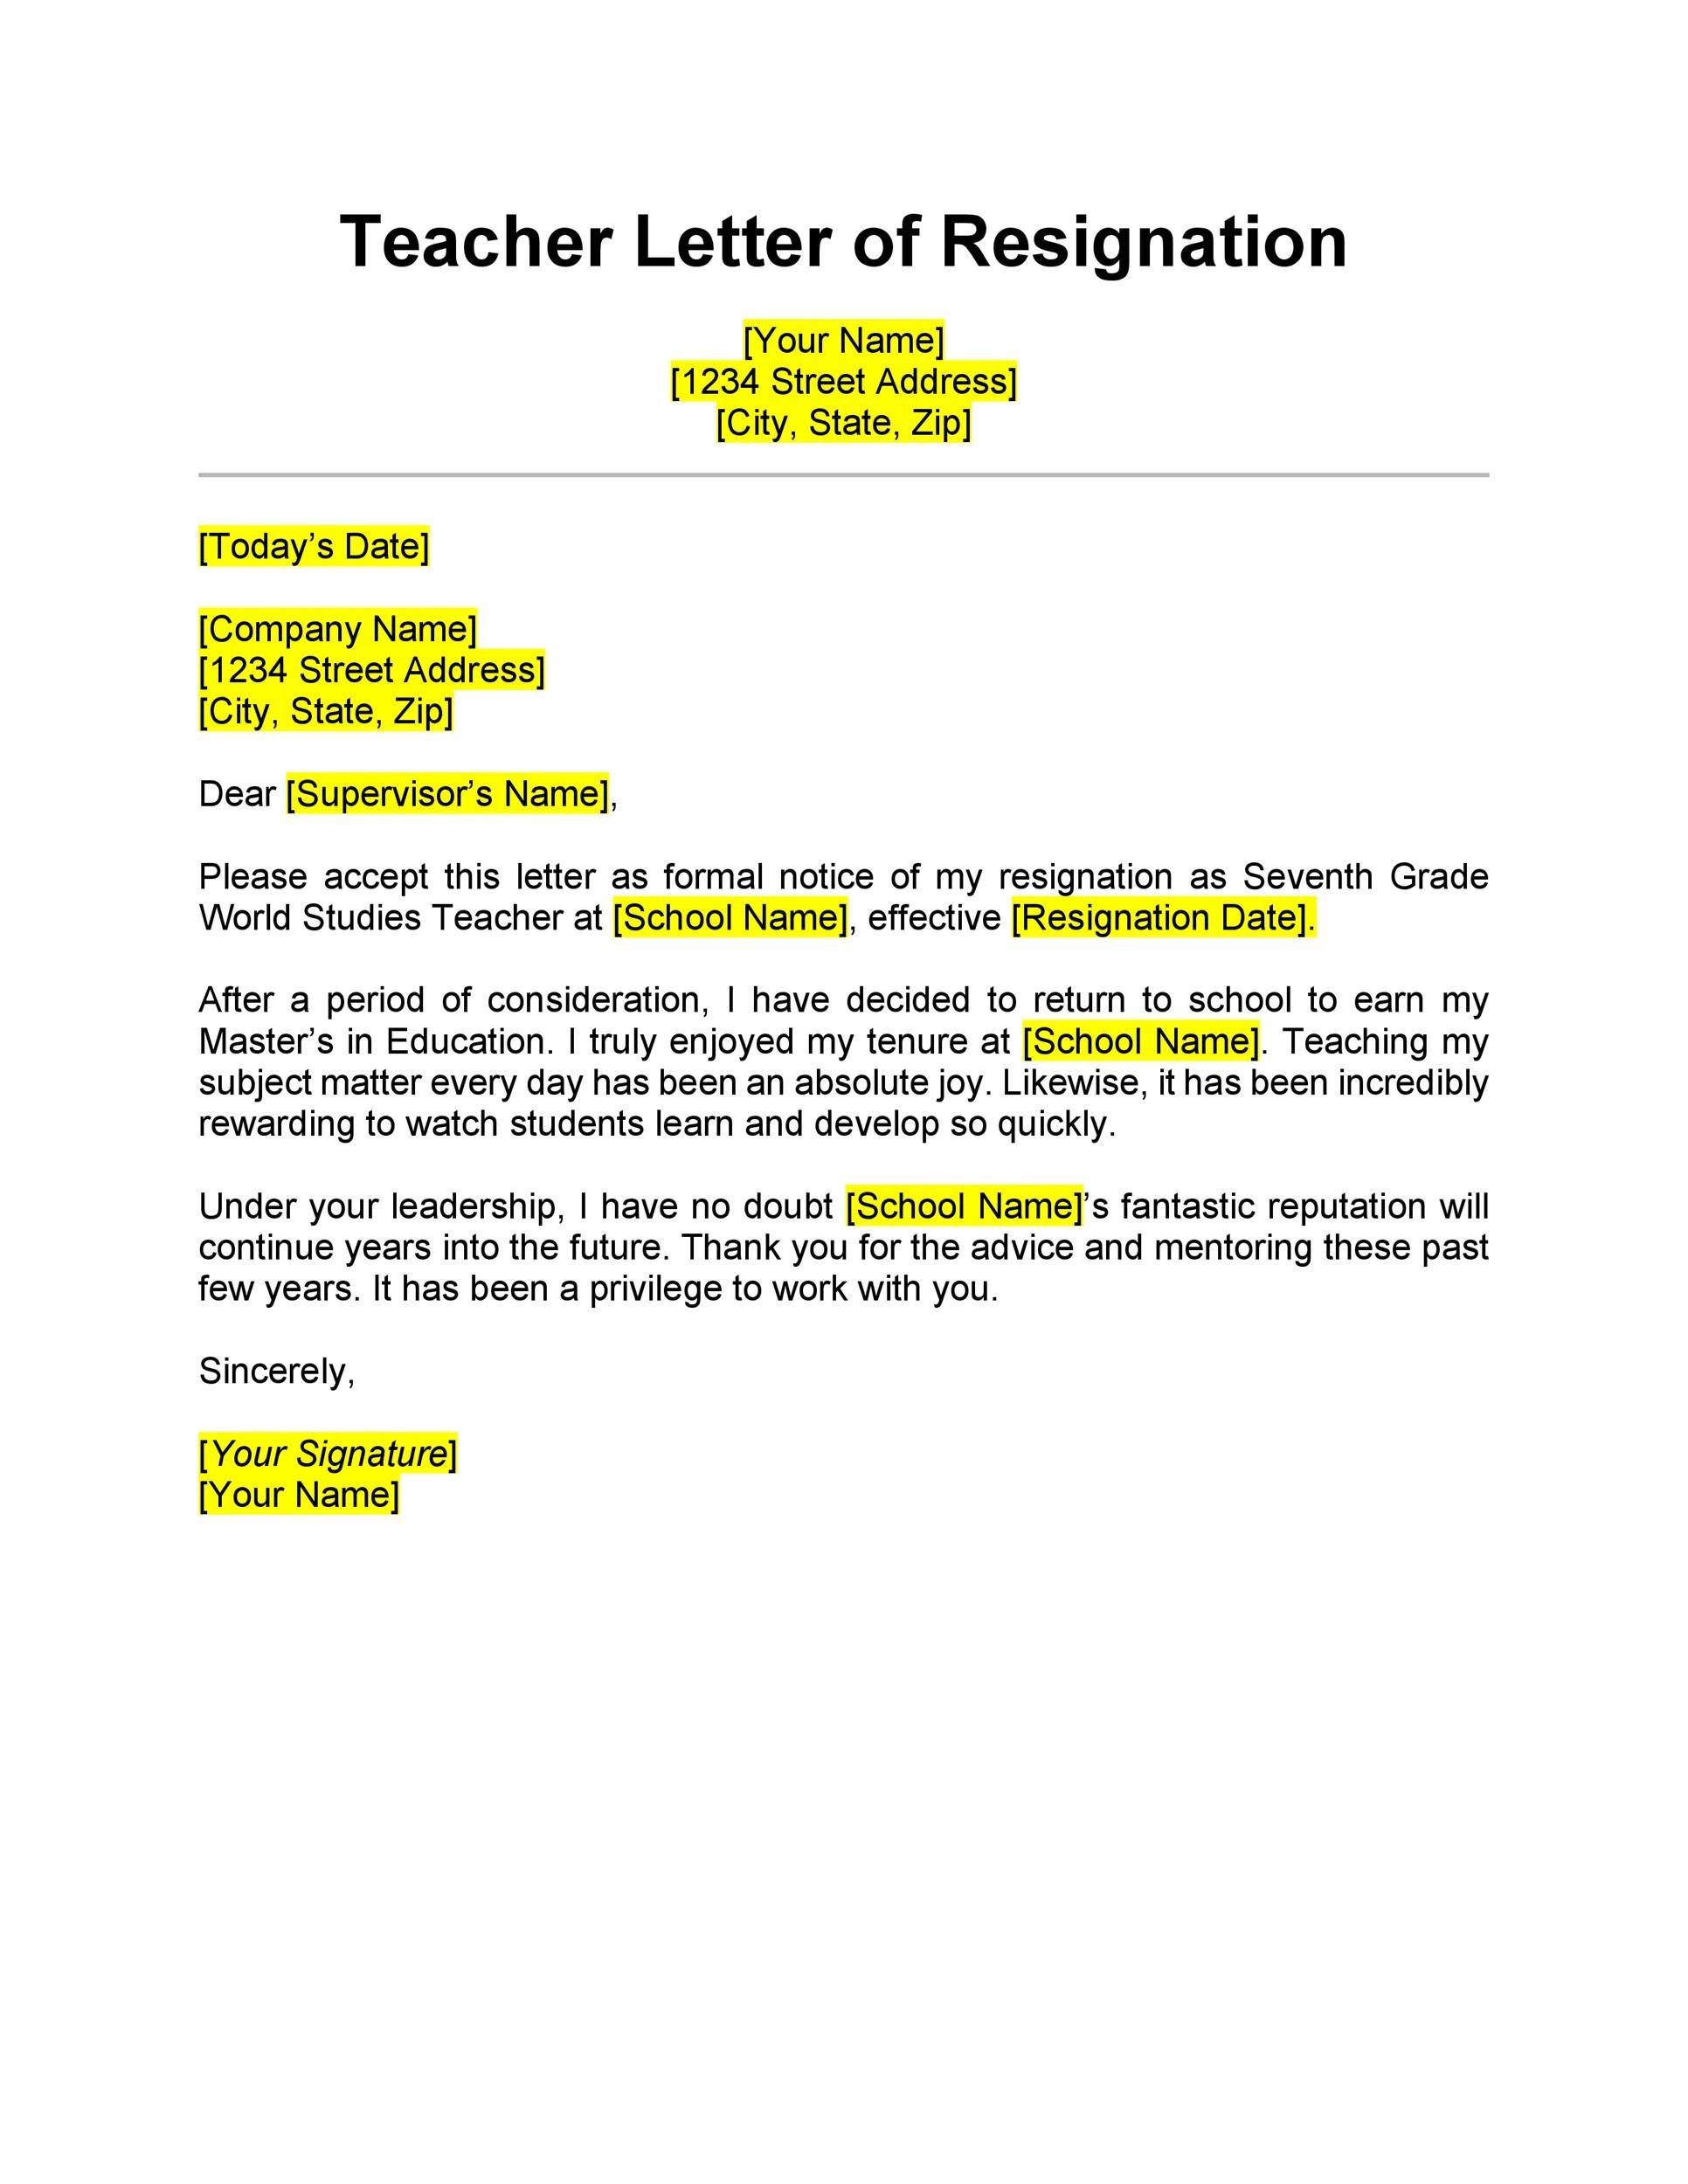 Free teacher resignation letter 05